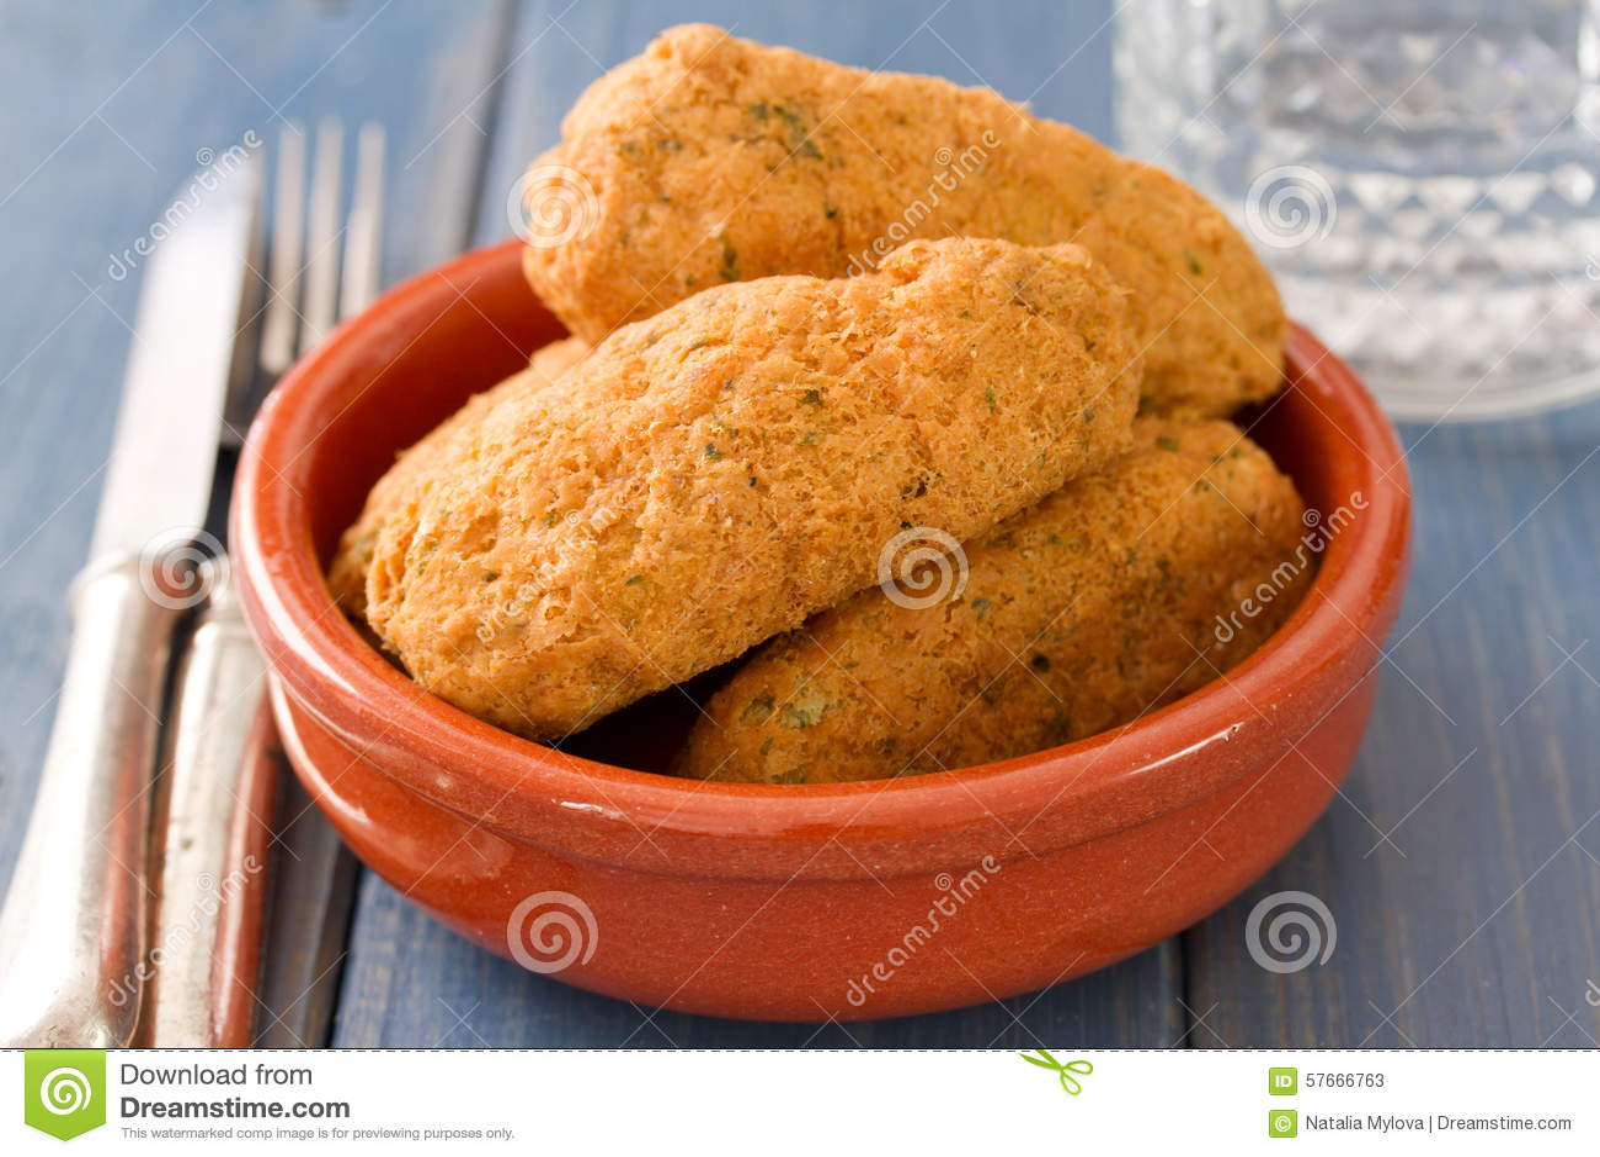 Croquettes рыб на блюде